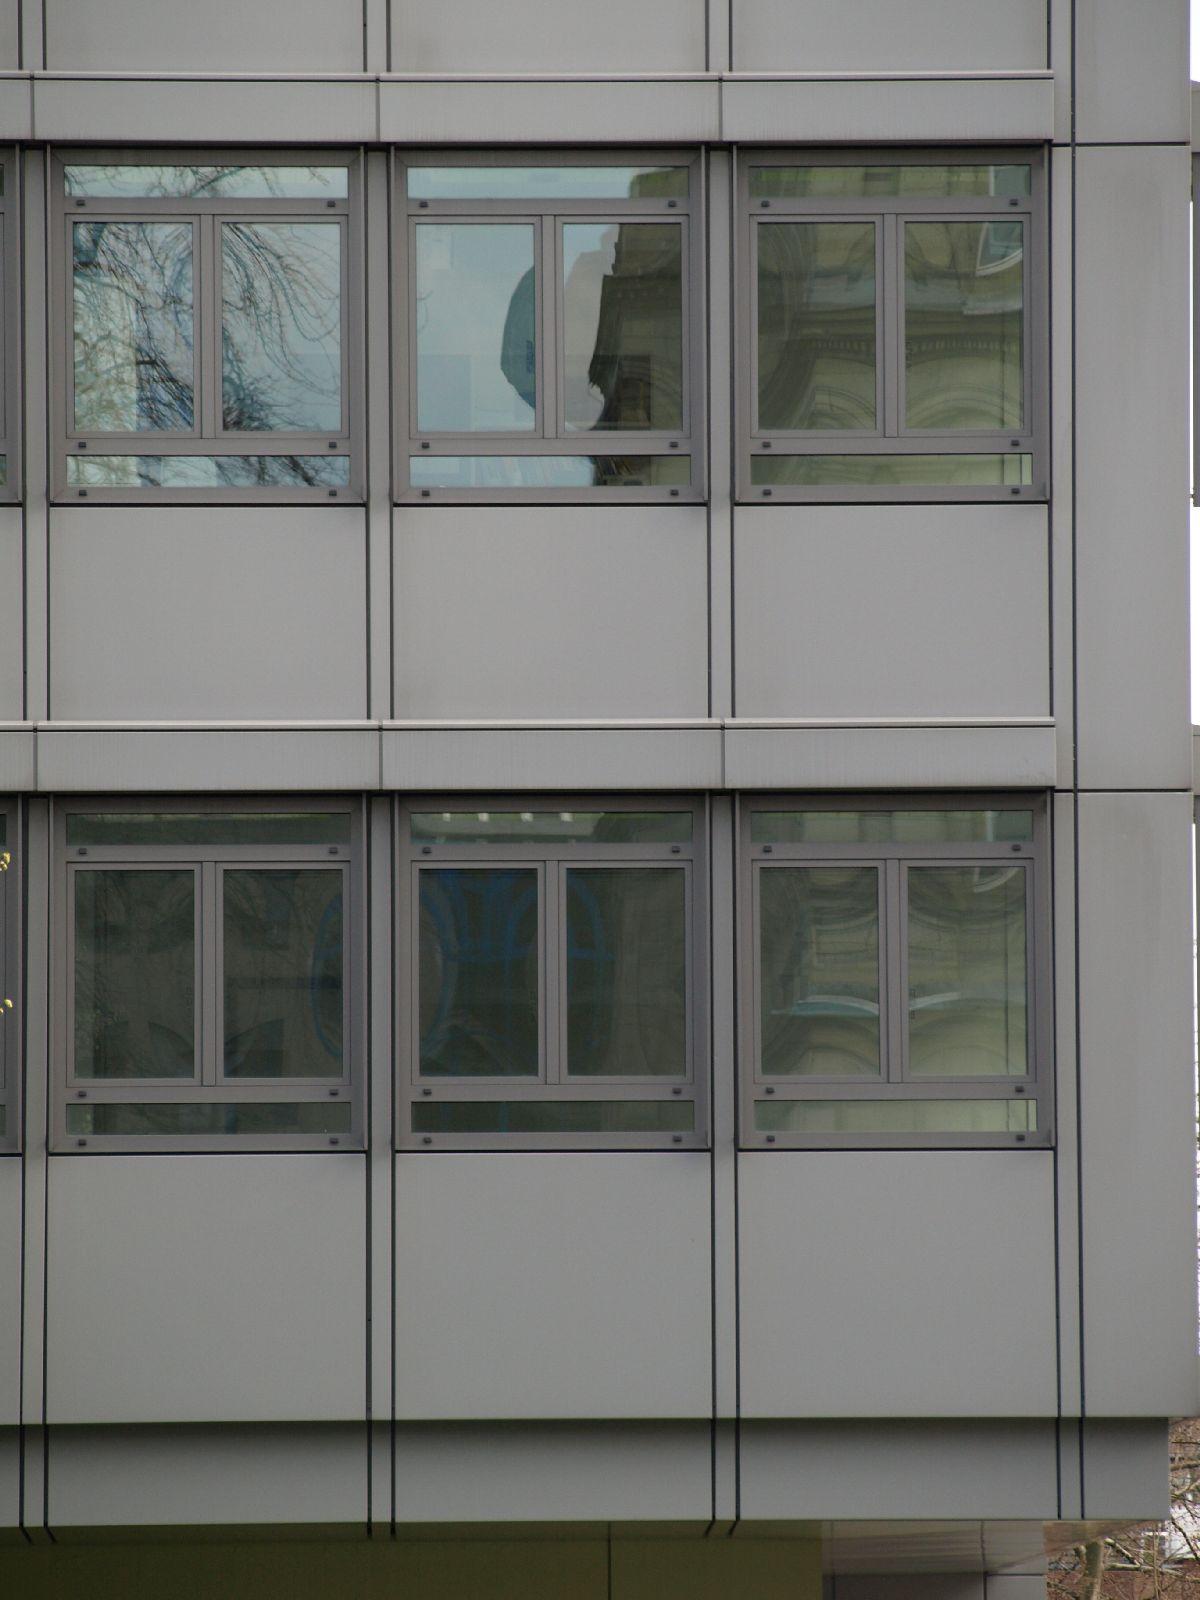 Gebaeude-Tueren-Fenster_Textur_A_P4131158